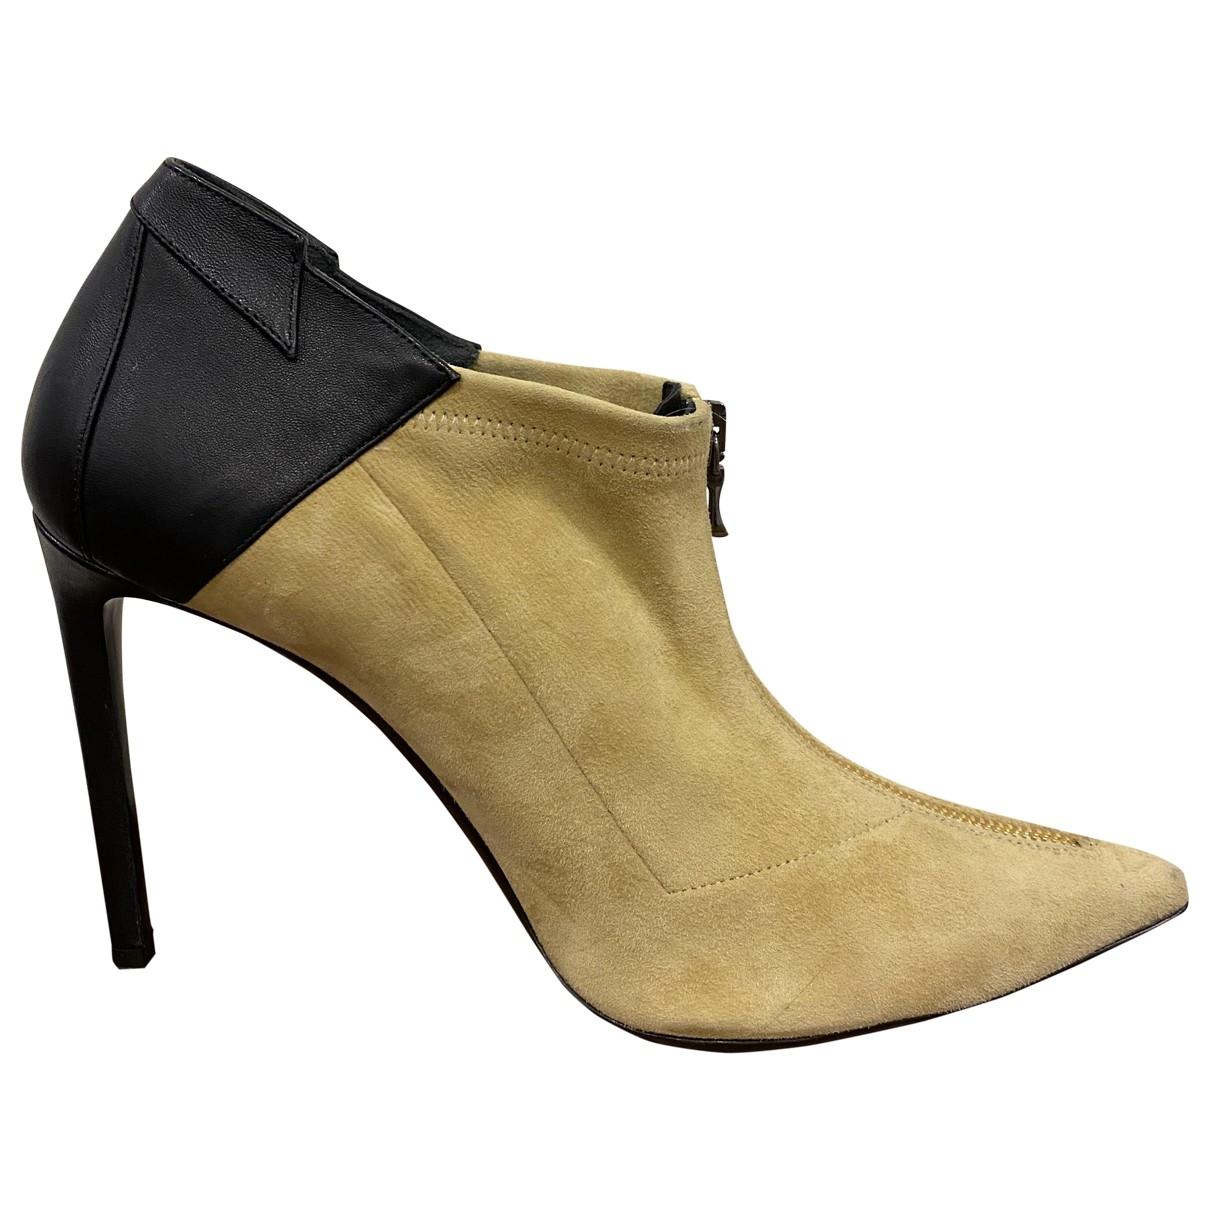 Roland Mouret - Boots   pour femme en suede - beige